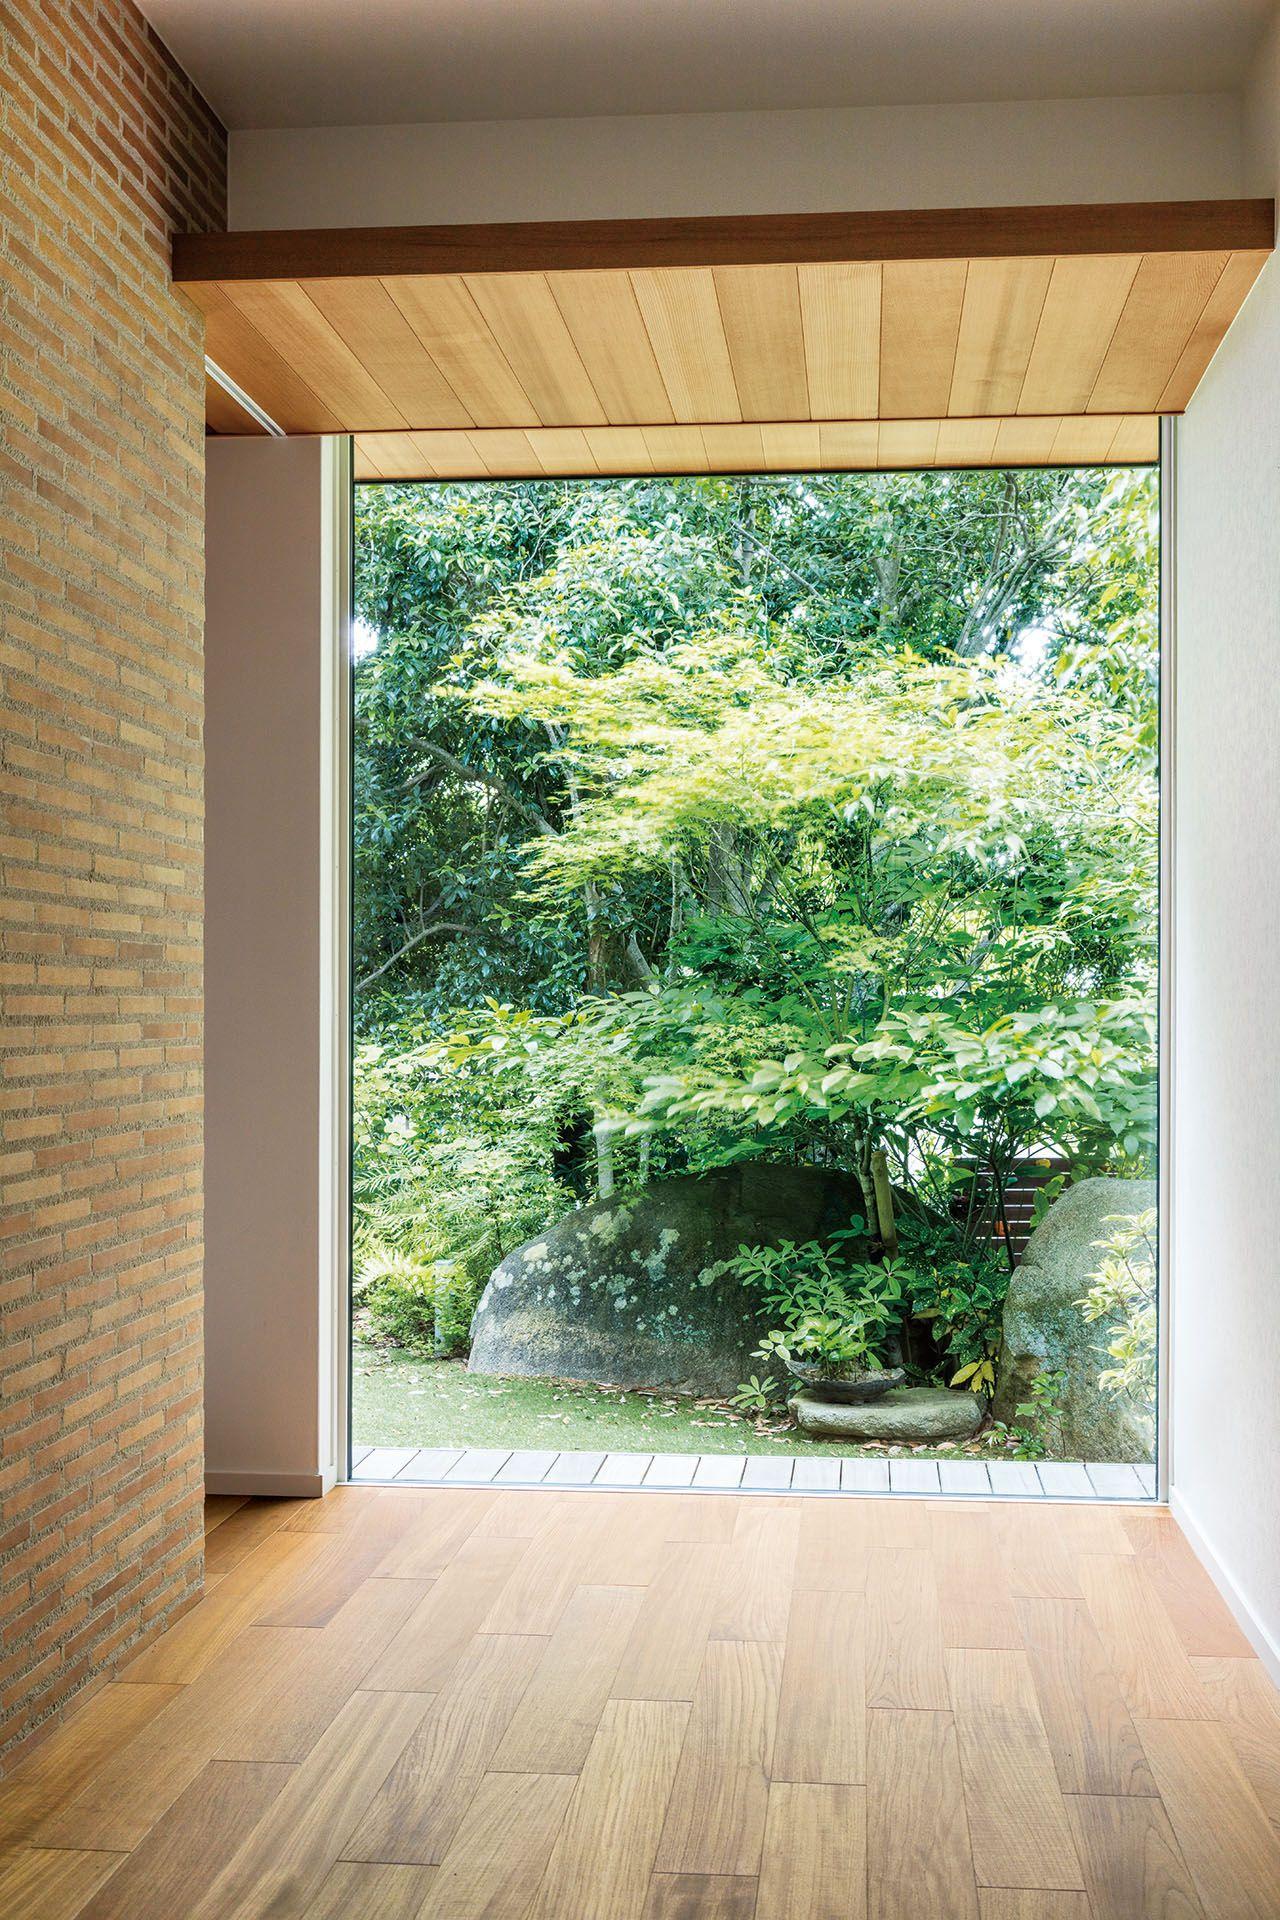 建物配置の工夫で実現した 雑木の庭を楽しむ暮らし 実例紹介